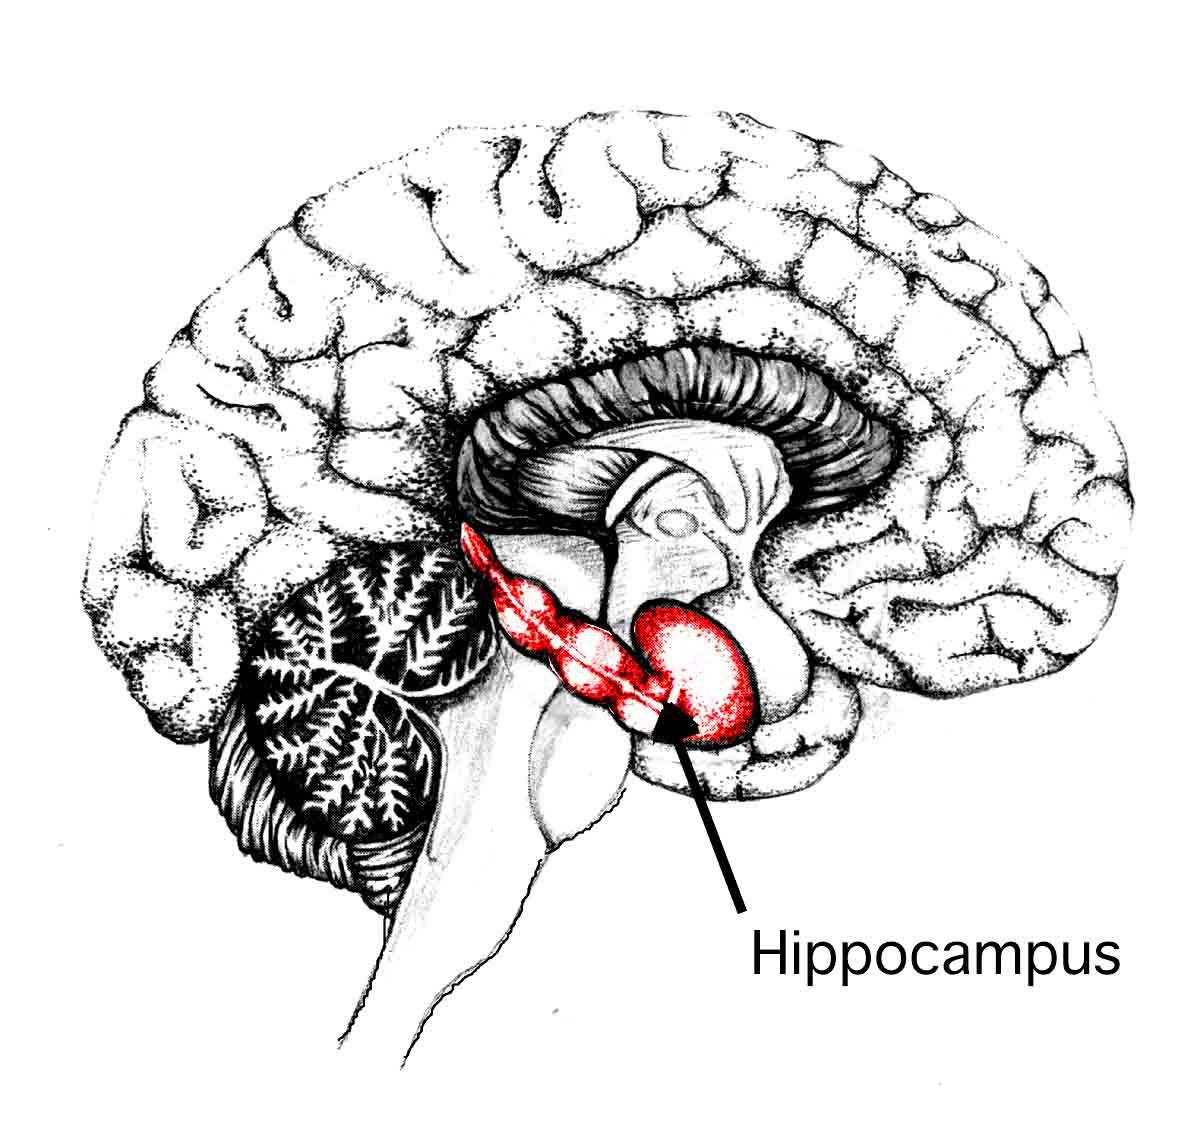 Nhà nghiên cứu cảnh báo: nhiều người làm việc trong môi trường này khiến não hoạt động kém hiệu quả hơn - Ảnh 2.